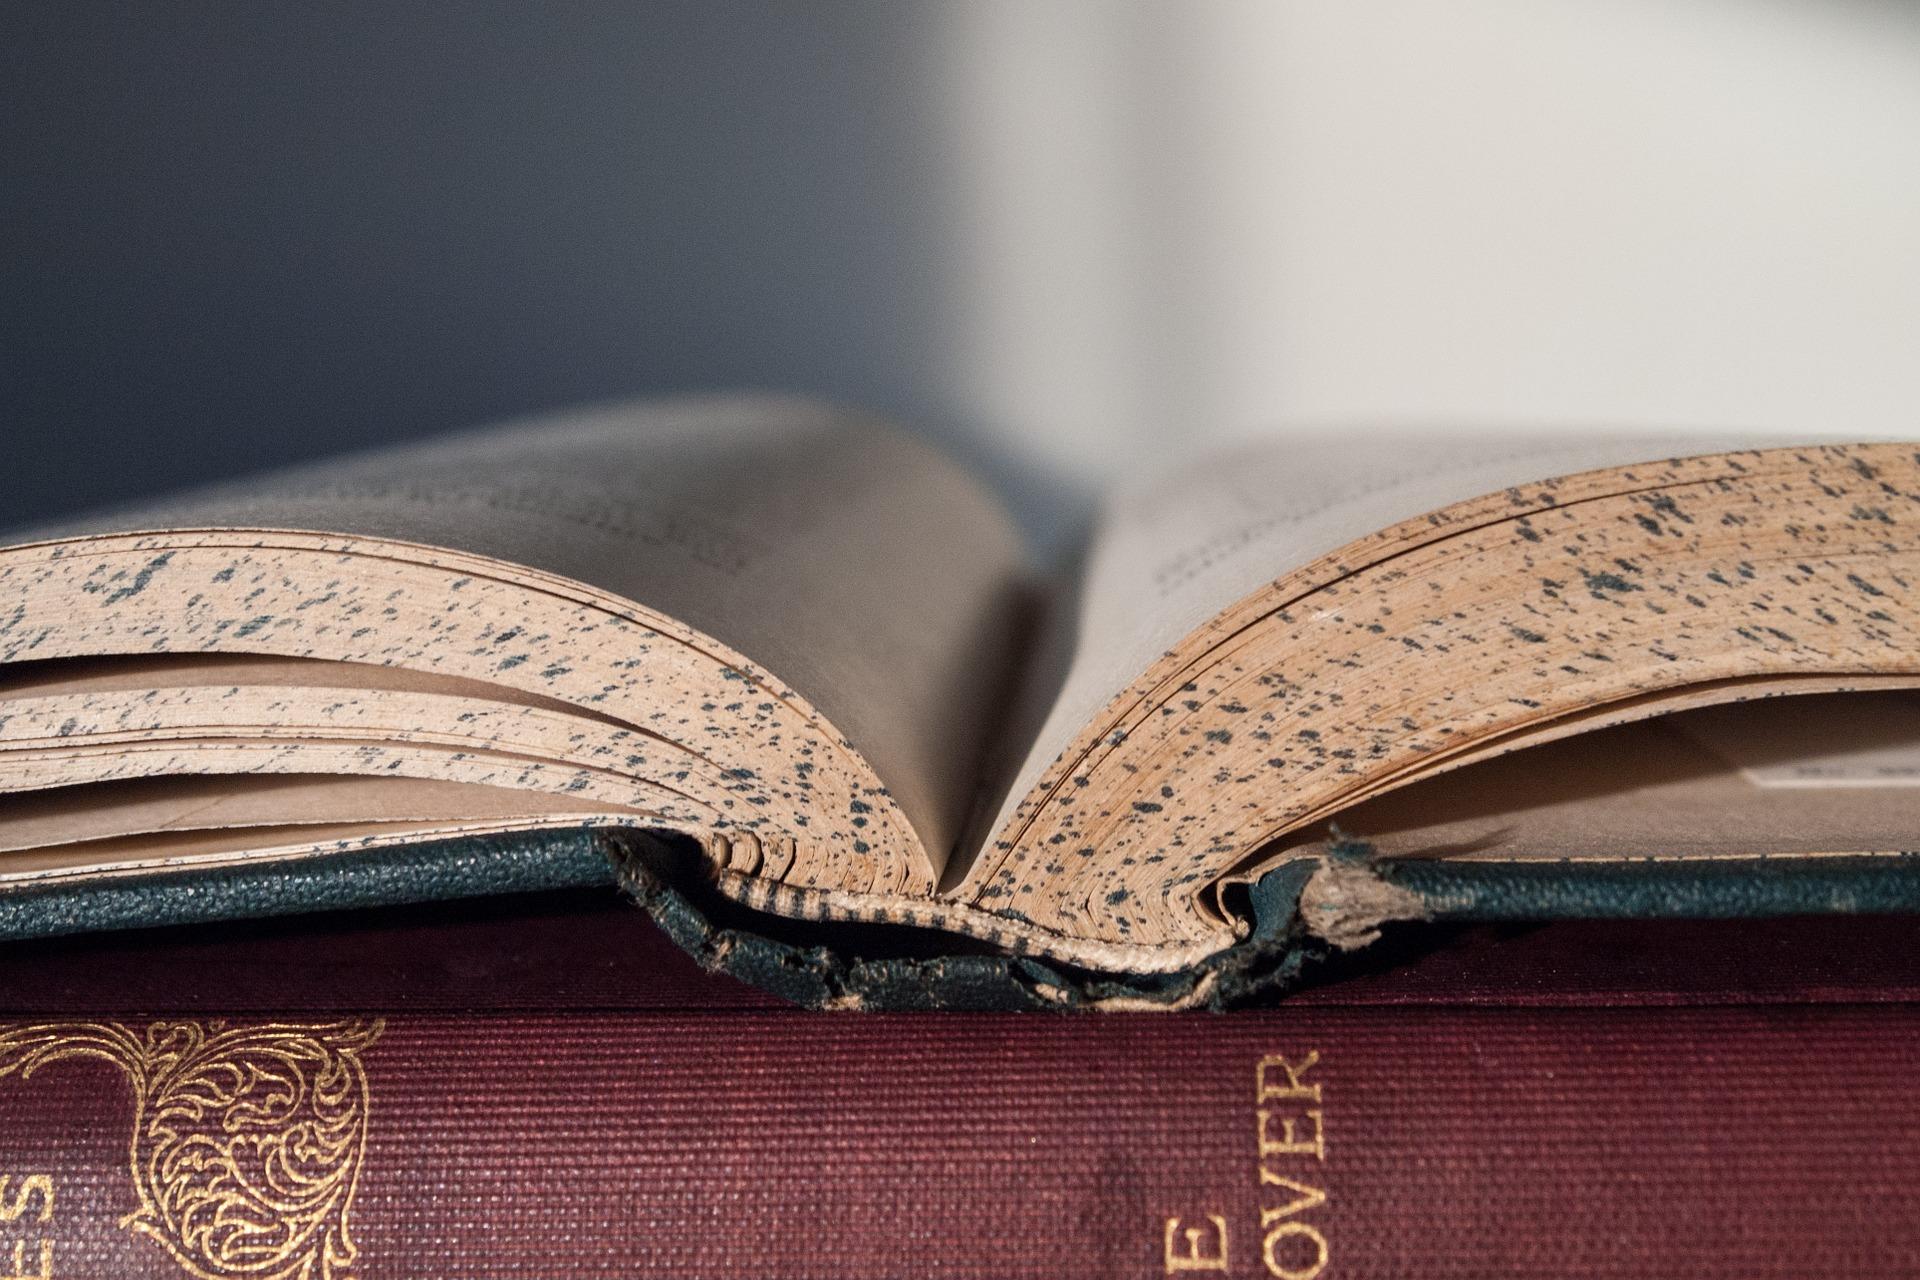 Image: books via Pixabay